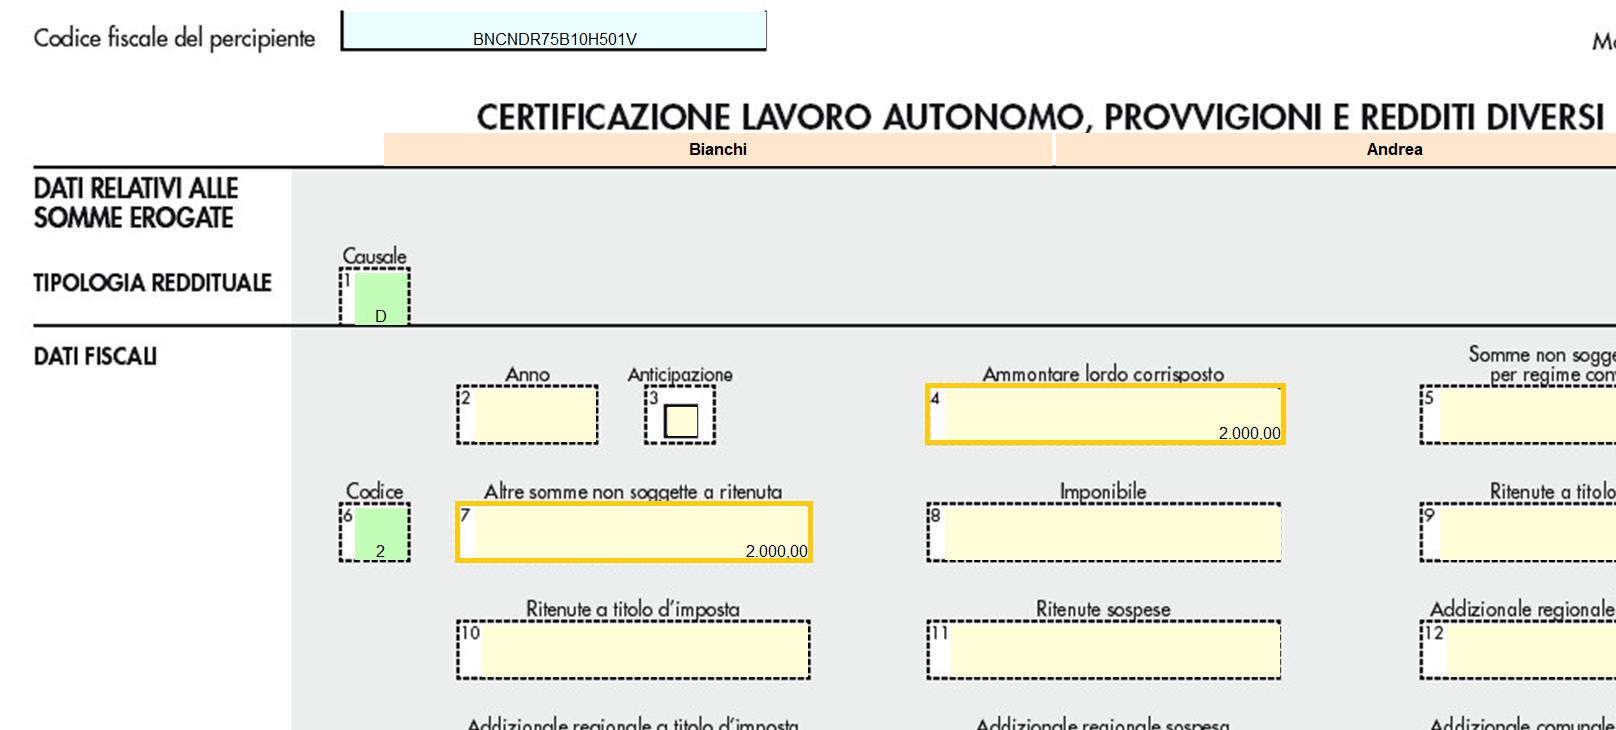 Certificazione Unica 2018: nuova ordinaria, annullamento o sostituzione - 5